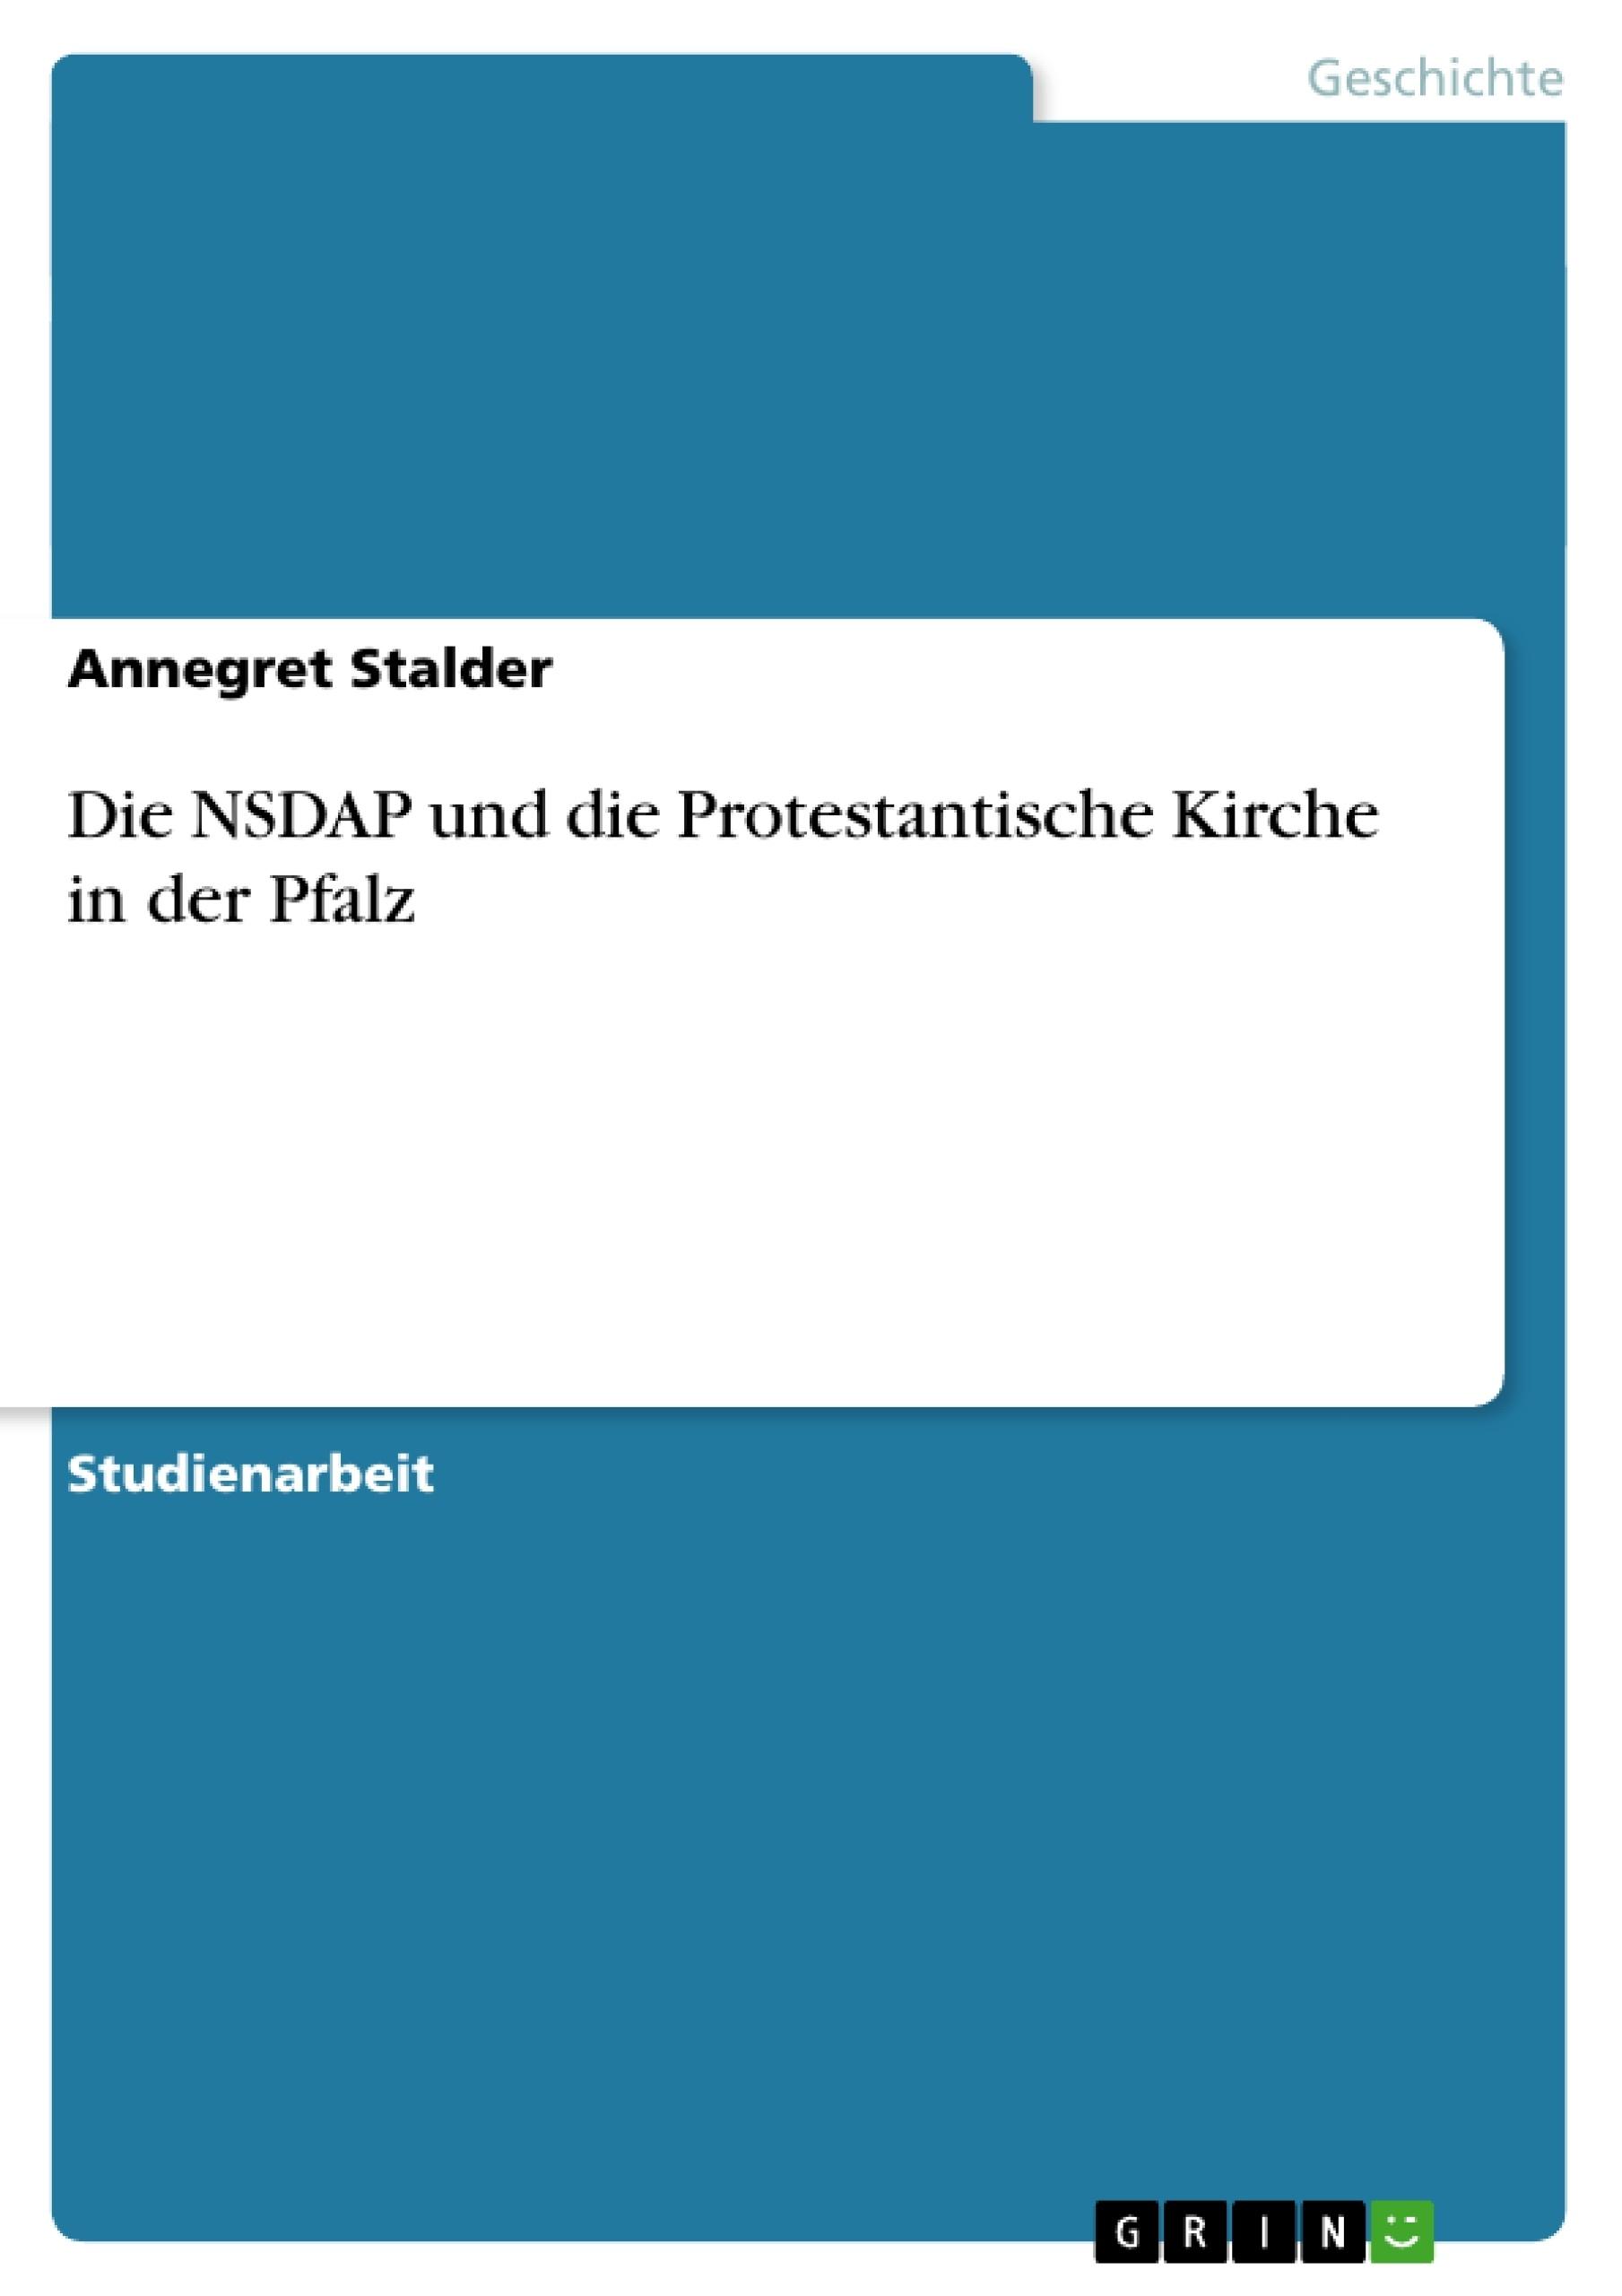 Titel: Die NSDAP und die Protestantische Kirche in der Pfalz